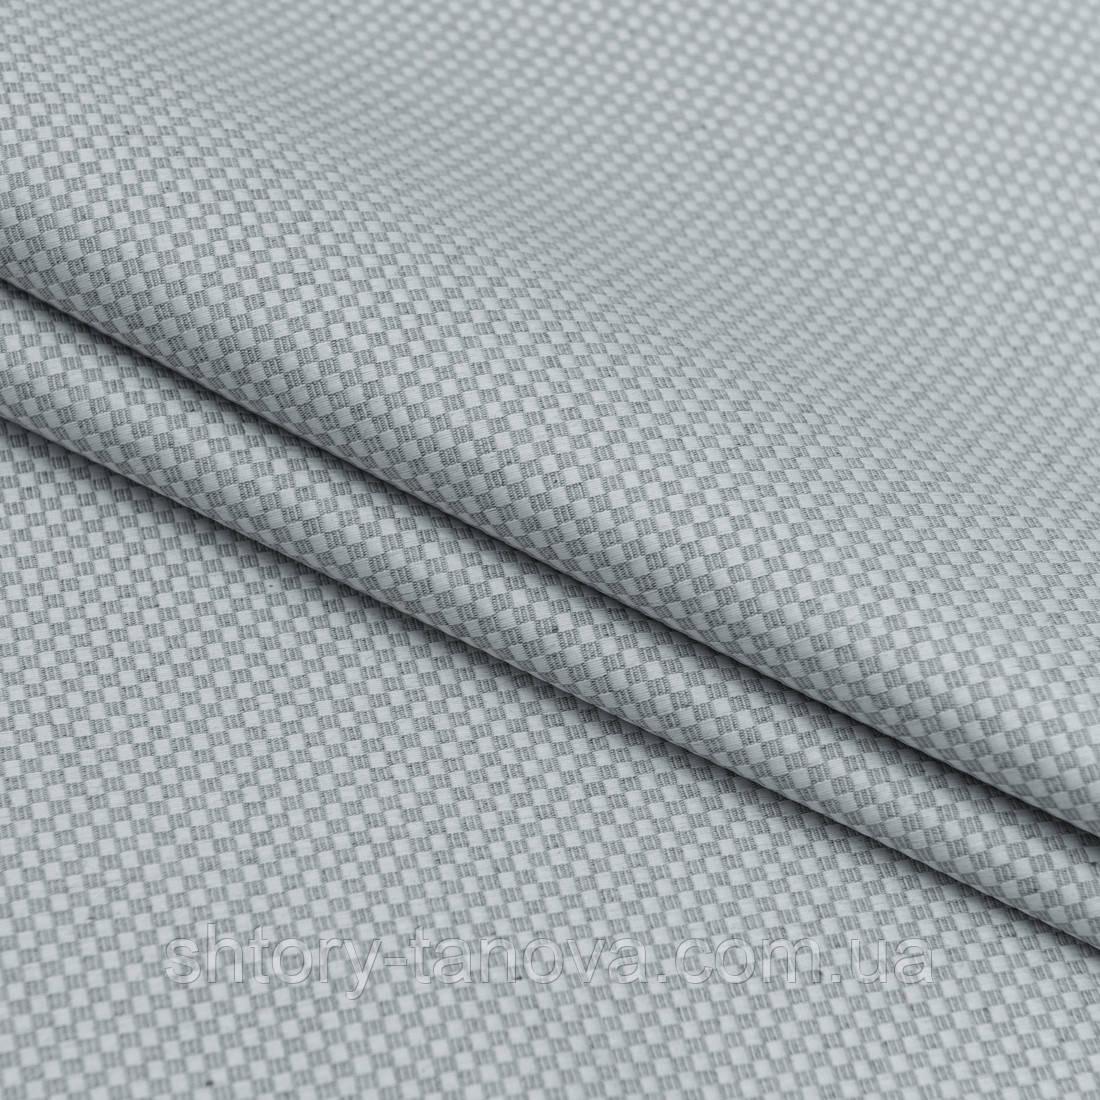 Тканина з акриловою грунтовкою колін /colin піку сірий